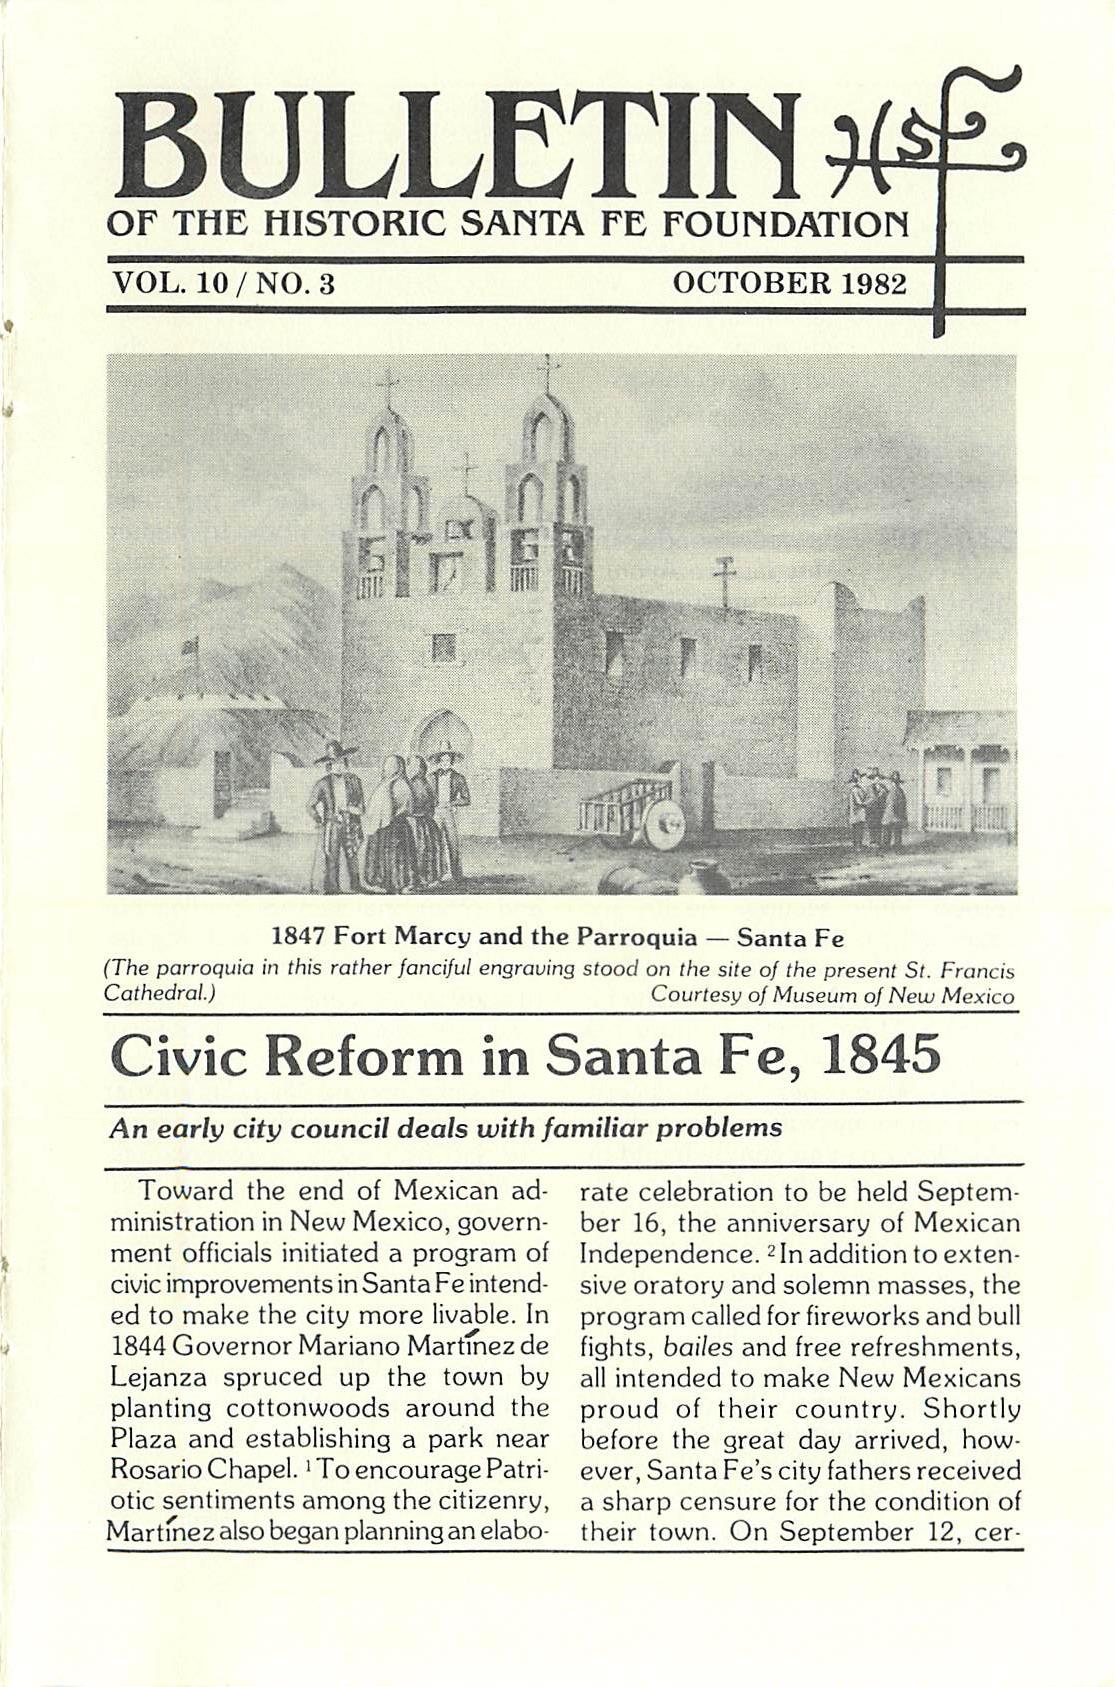 1982 HSFF Bulletin Vol.10 No.3 Cover